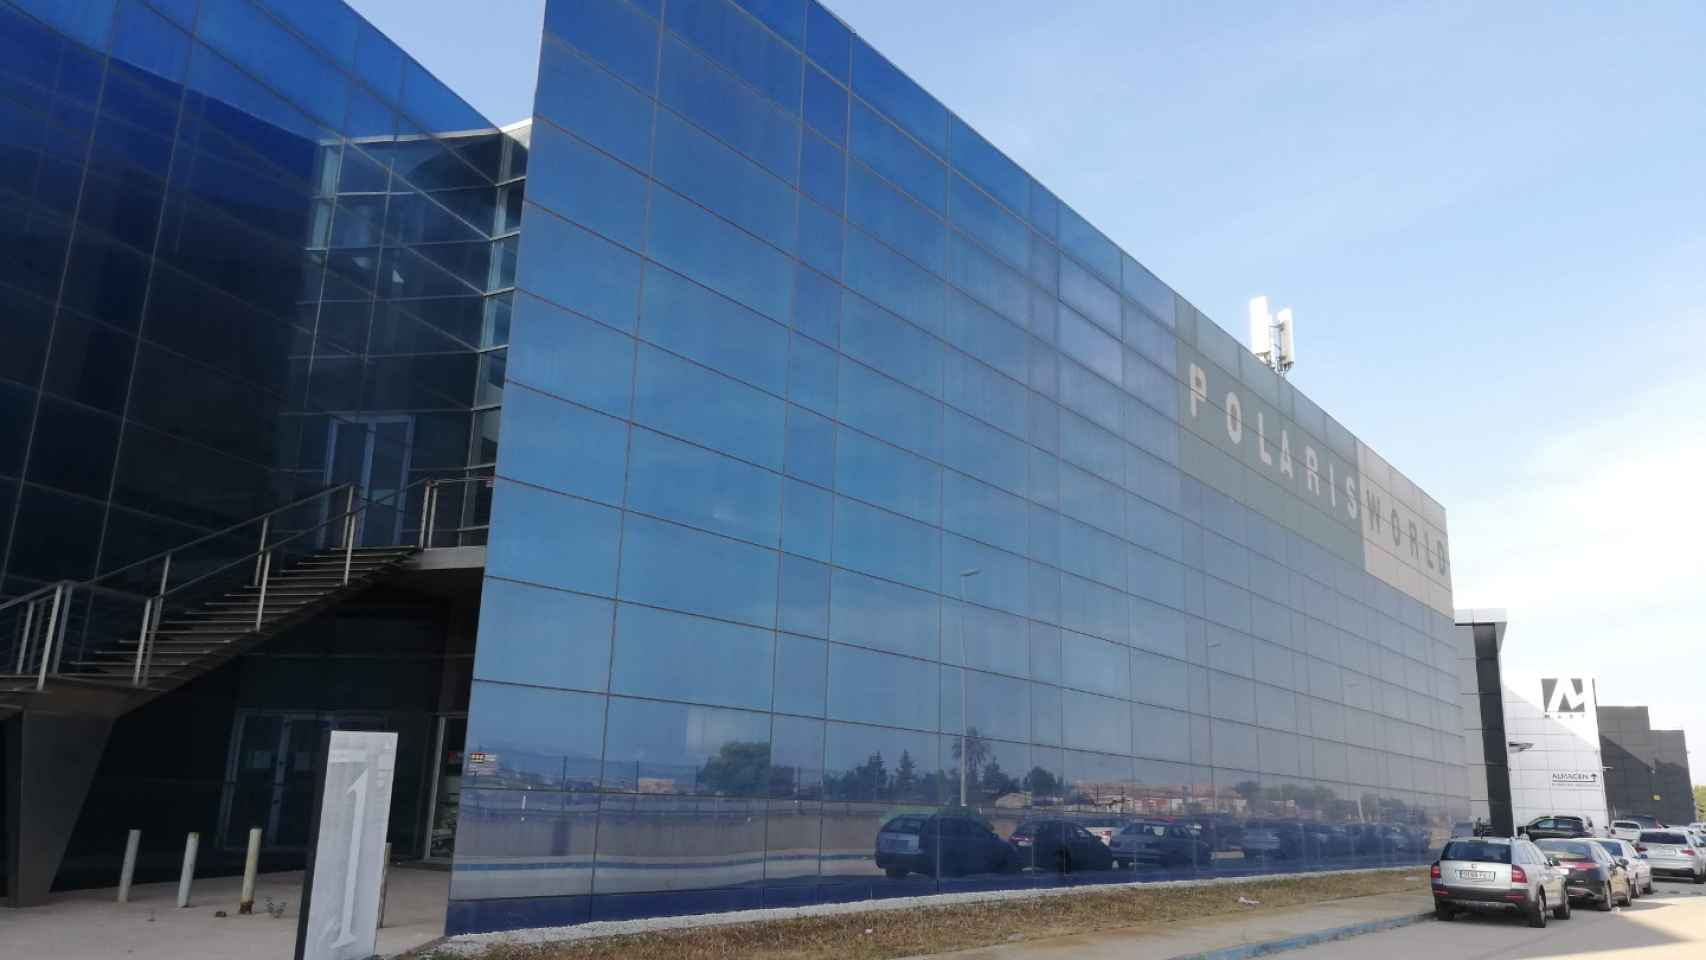 Edificio Polaris en Murcia.